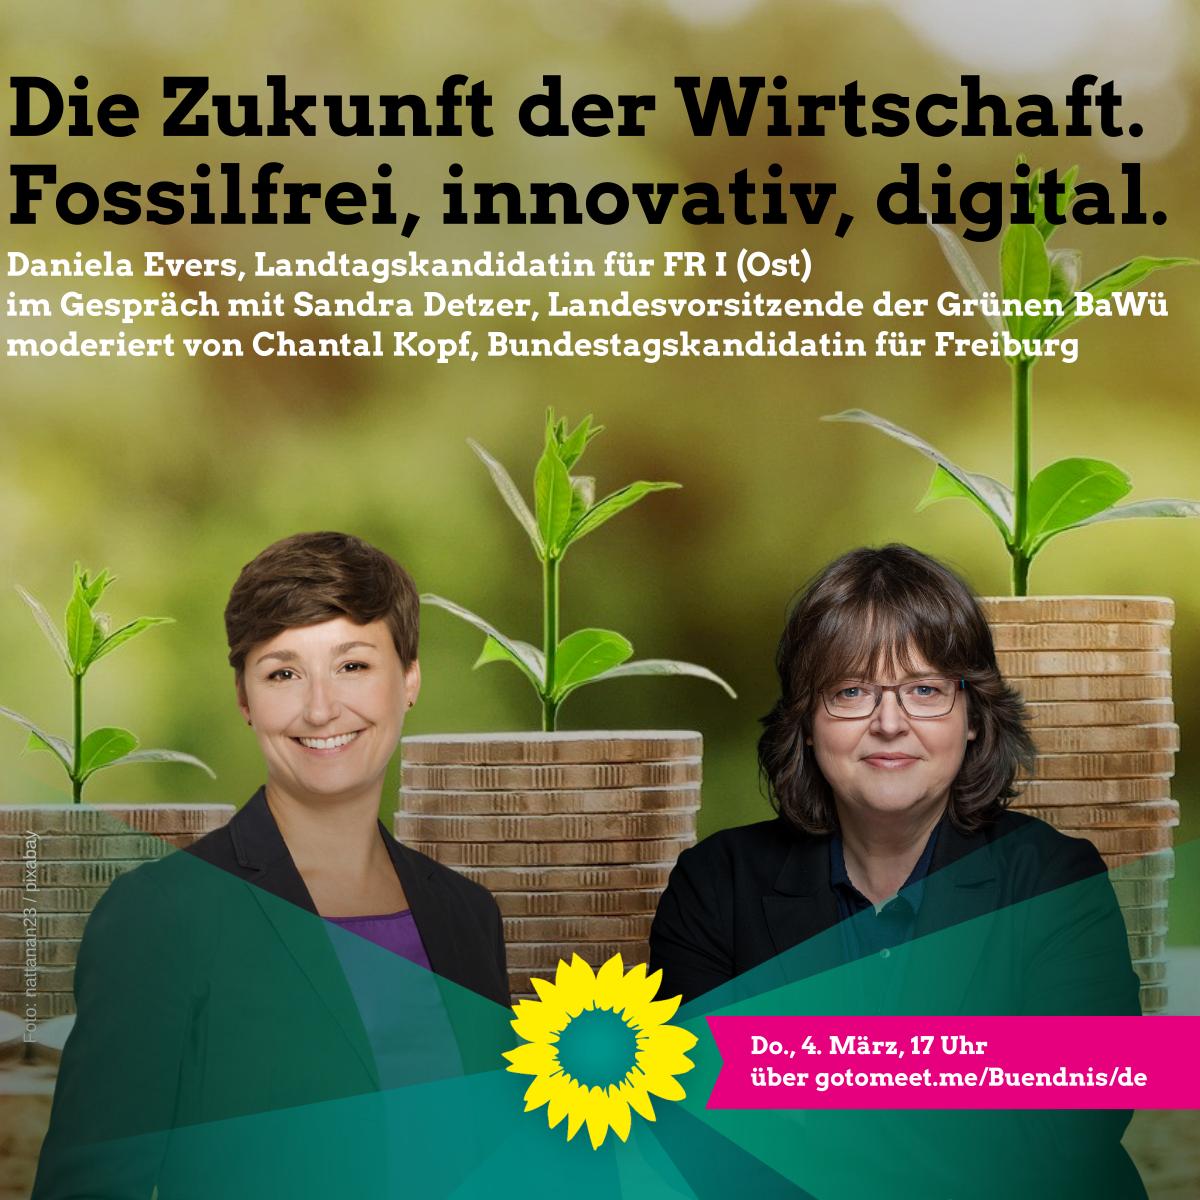 Die Zukunft der Wirtschaft. Fossilfrei, innovativ, digital. mit Daniela Evers (Landtagskandidatin für FR I (Ost) & Sandra Netzer (Landesvorsitzende der Grünen BaWü)